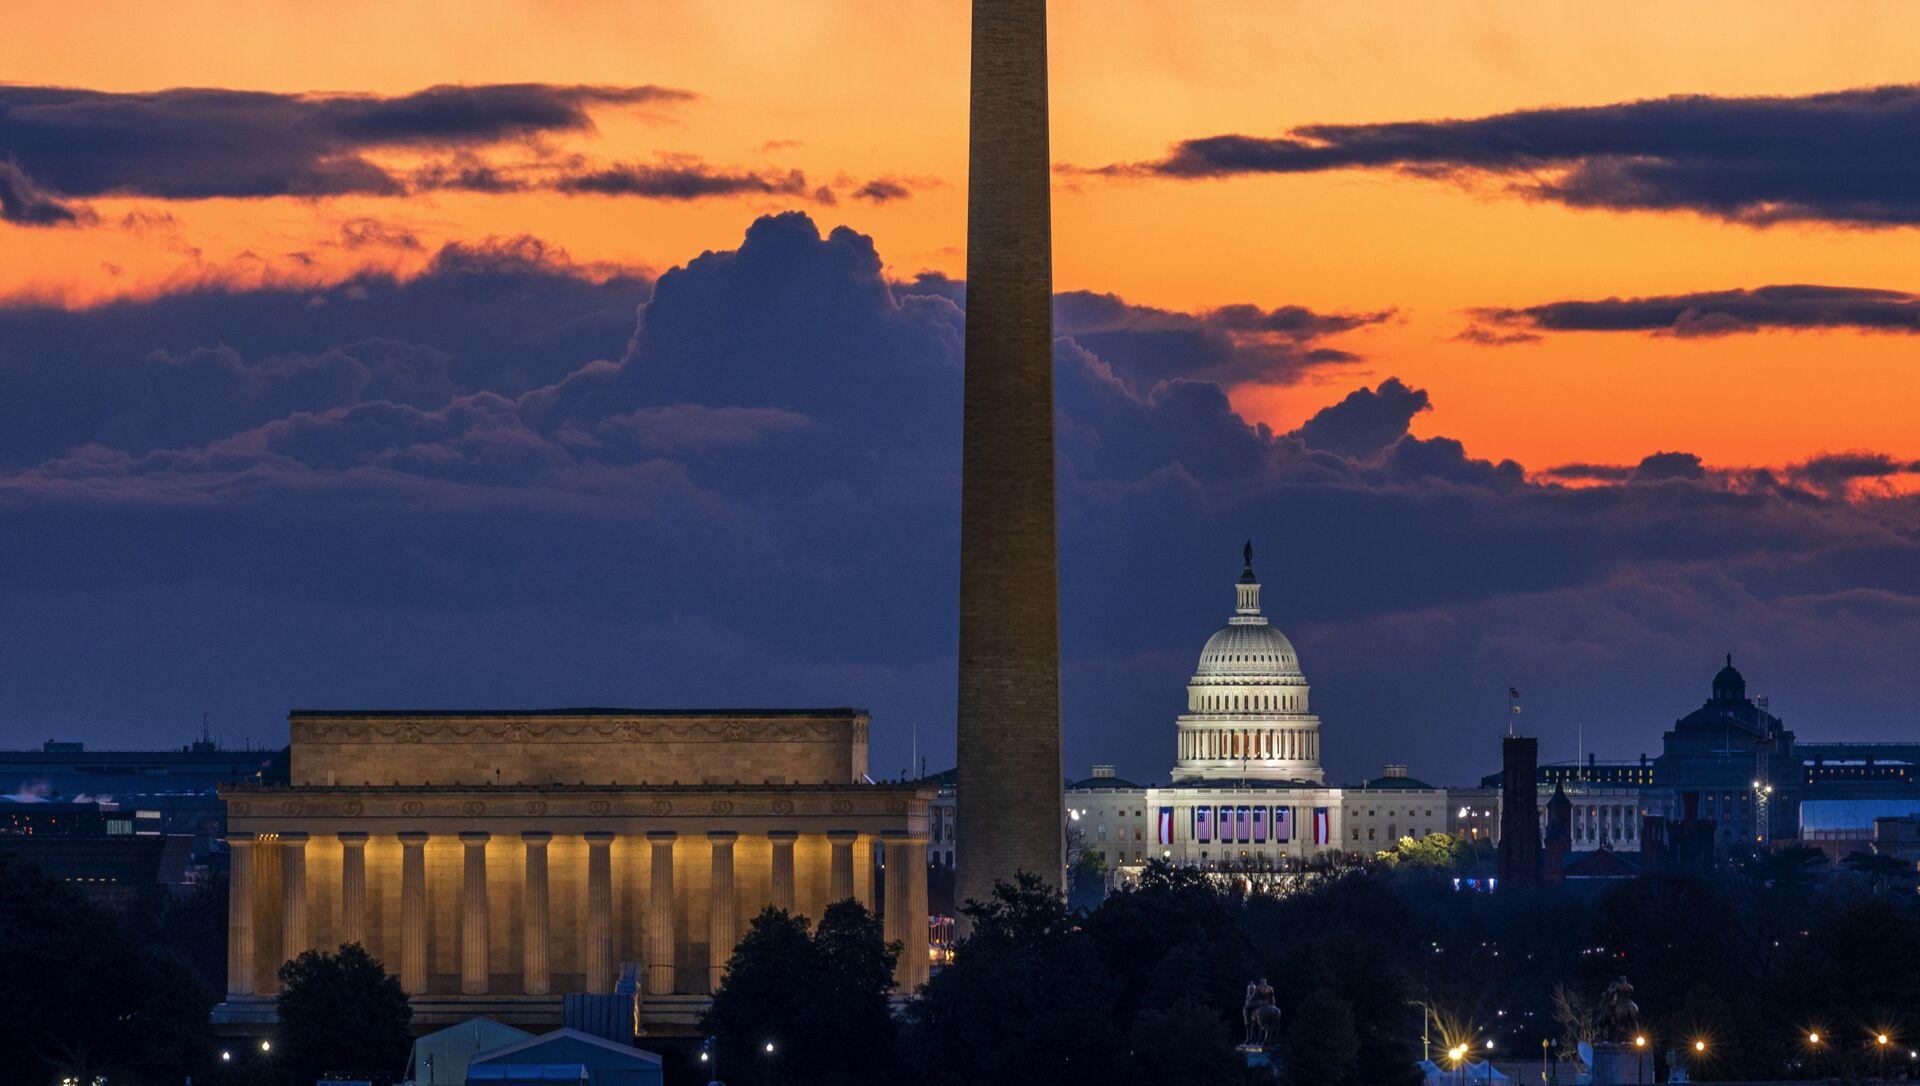 Мемориал Линкольна,  монумент Вашингтону и Капитолий США на рассвете в день инаугурации в Вашингтоне - Sputnik Türkiye, 1920, 30.07.2021